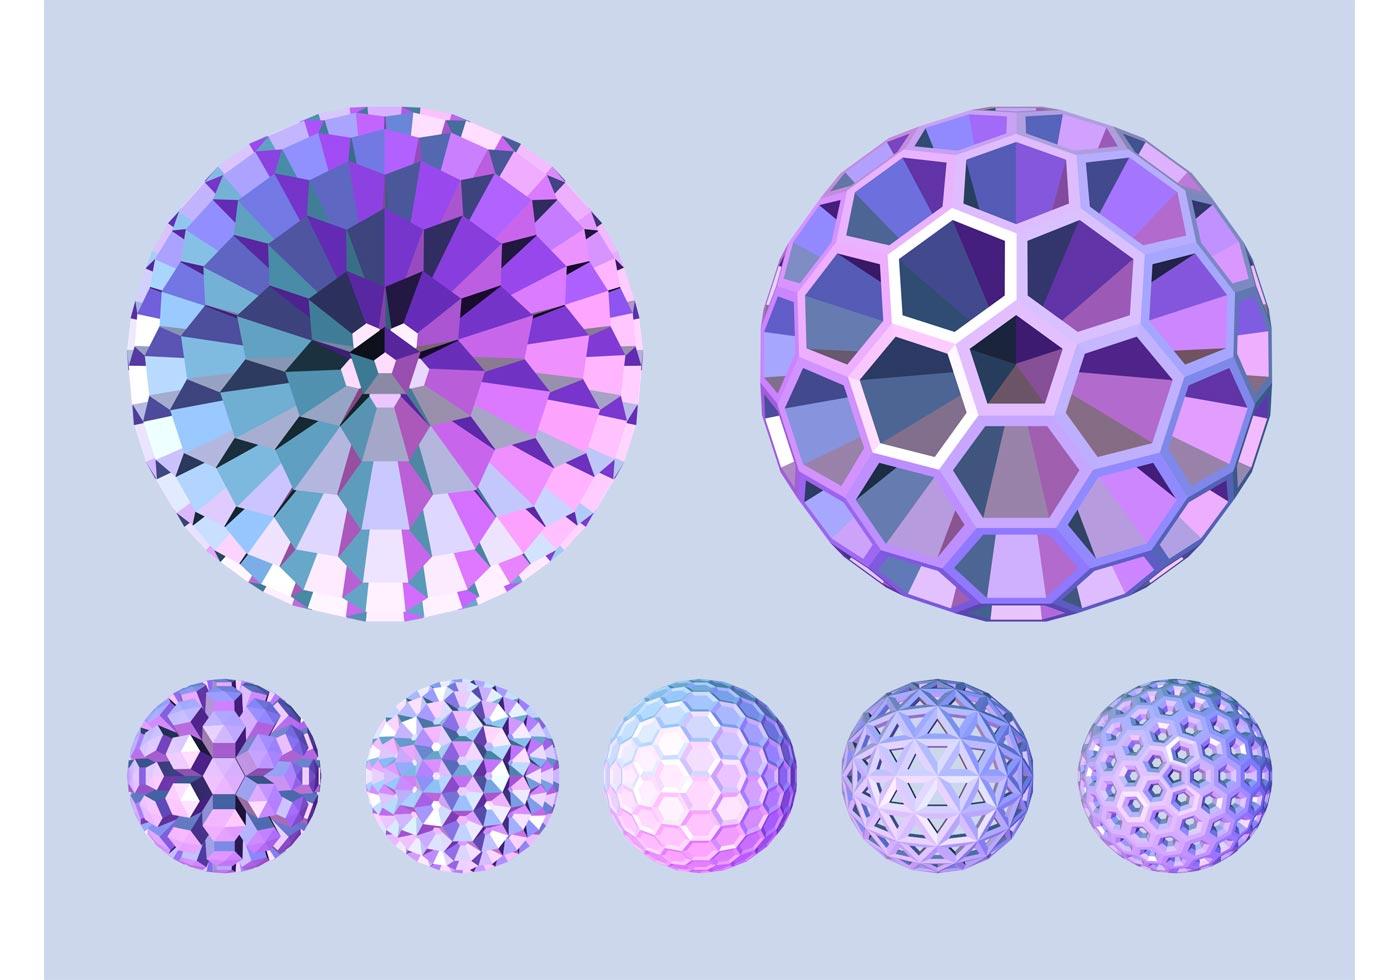 3d Spheres Vectors Download Free Vector Art Stock